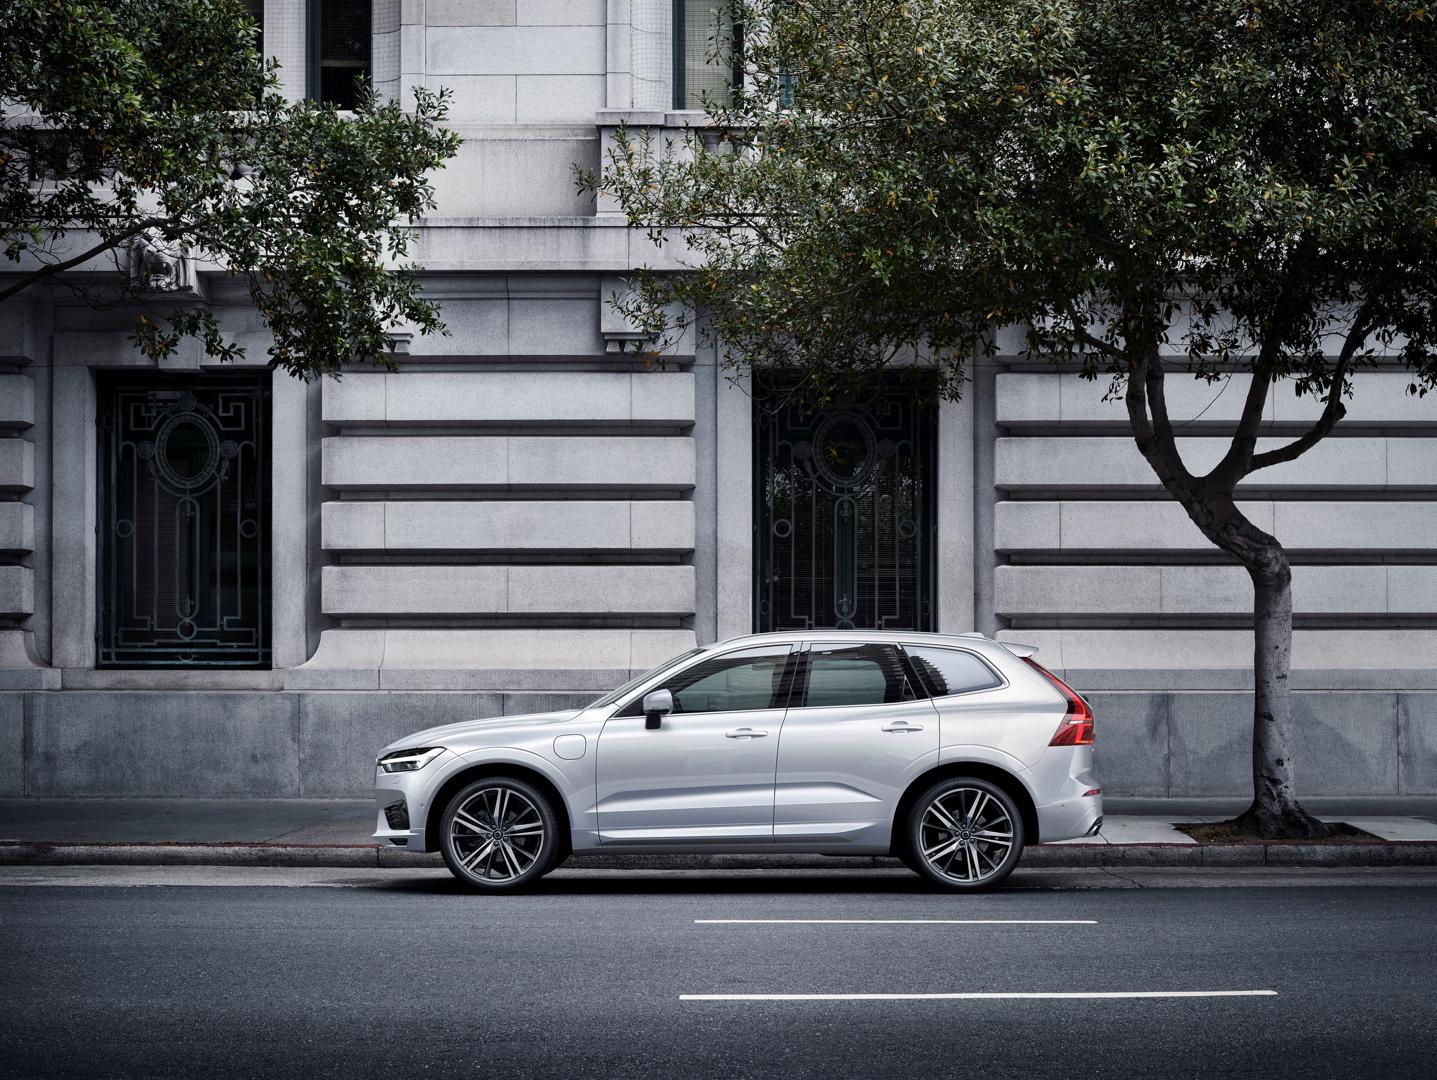 205074_The_new_Volvo_XC60